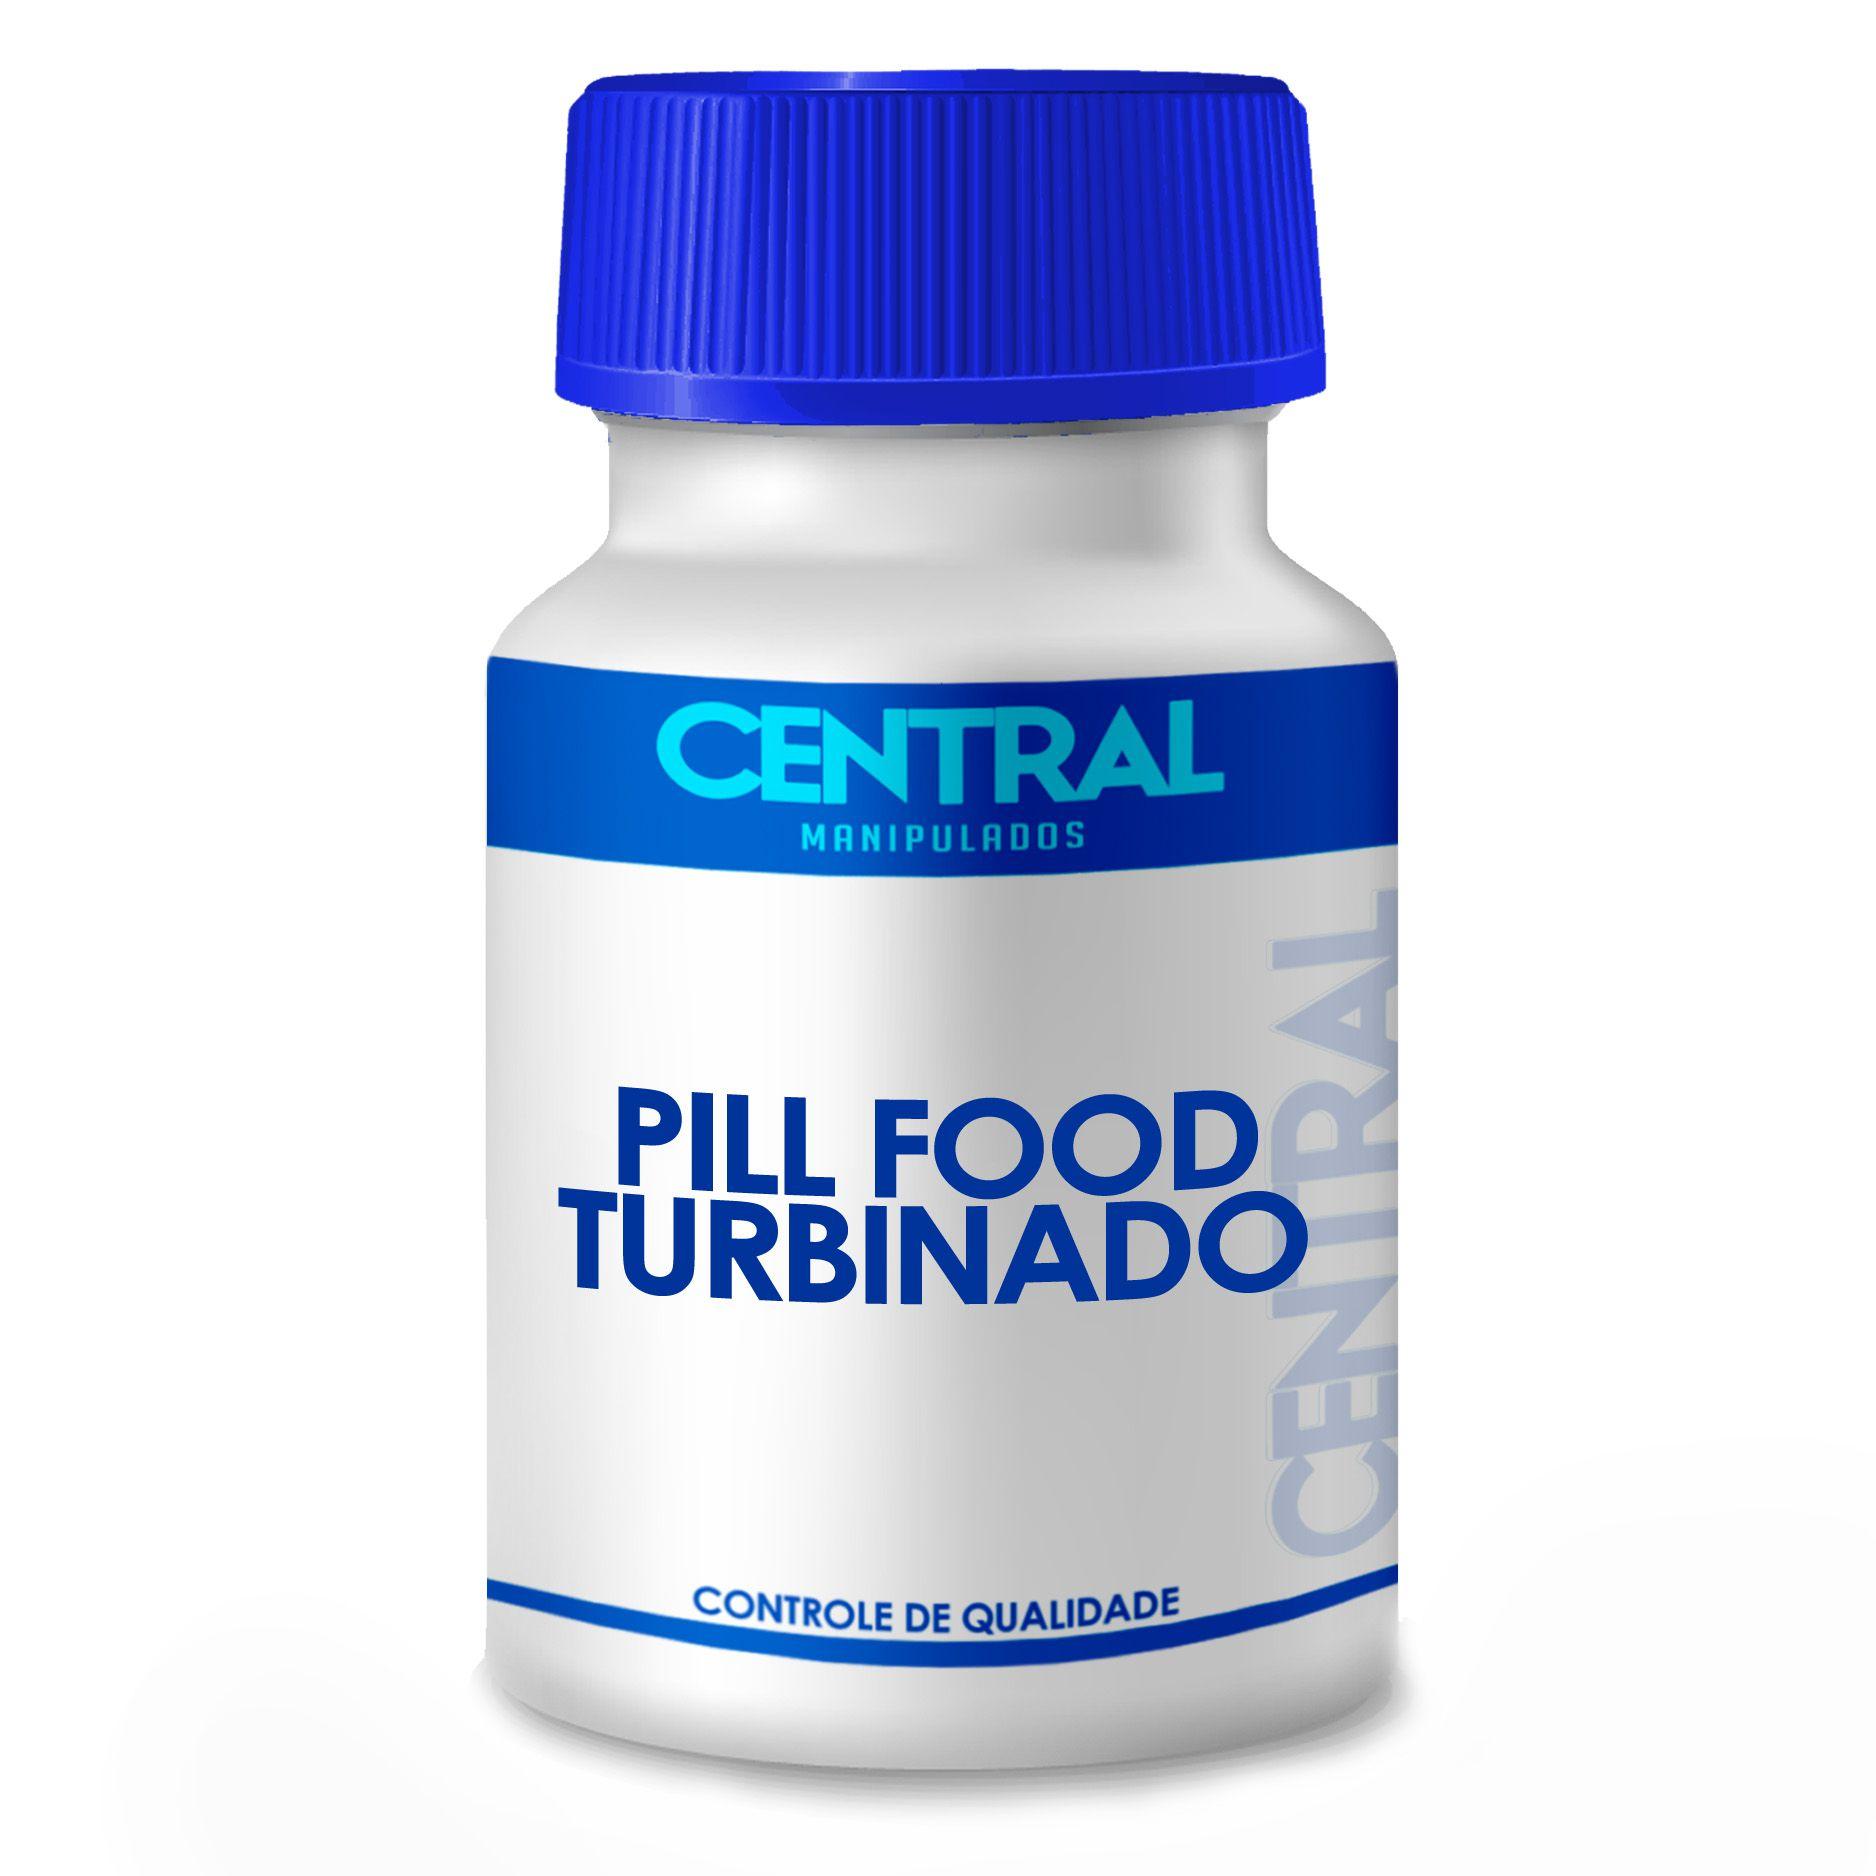 Pill Food Turbinado com 240 cápsulas - Cabelos Fortes